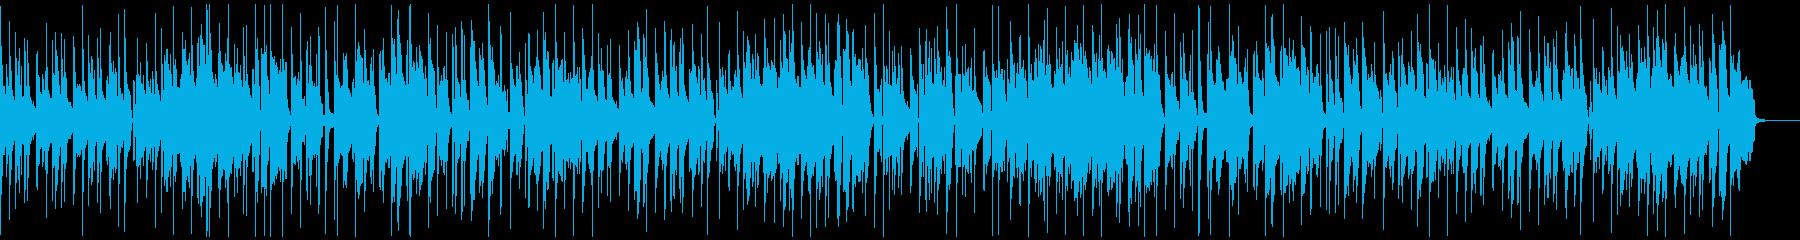 定番曲:ほのぼのとした日常Aの再生済みの波形